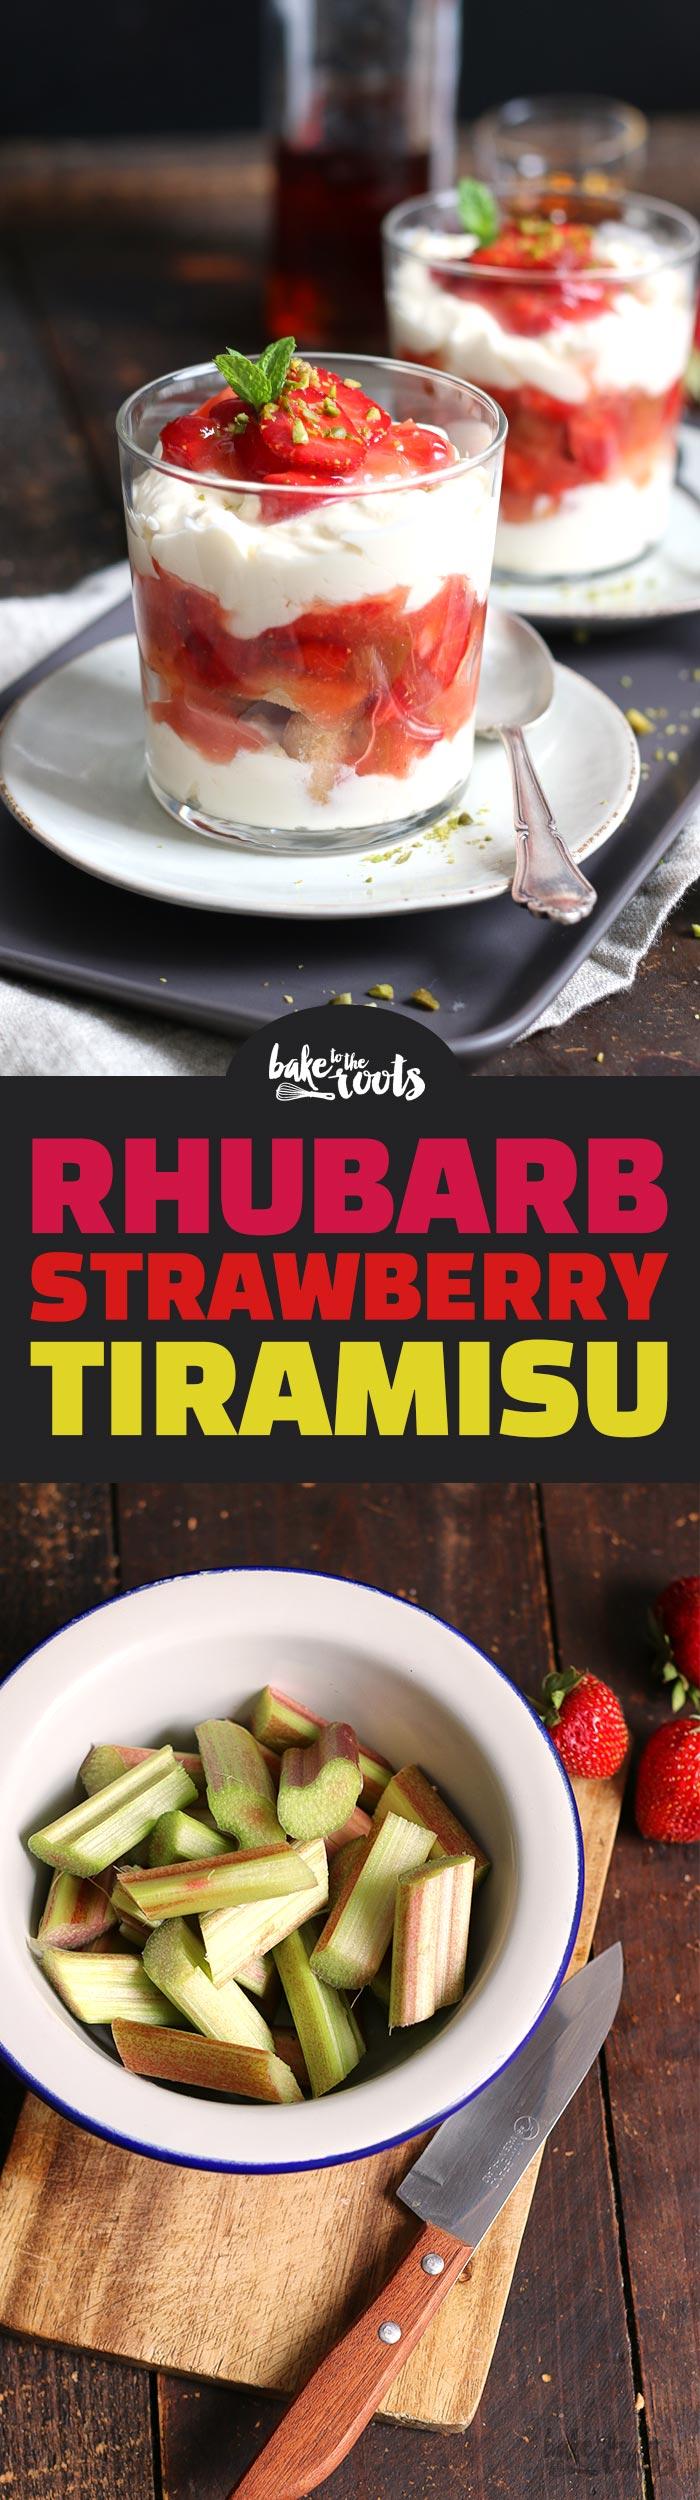 Rhabarber Erdbeere Tiramisu | Bake to the roots